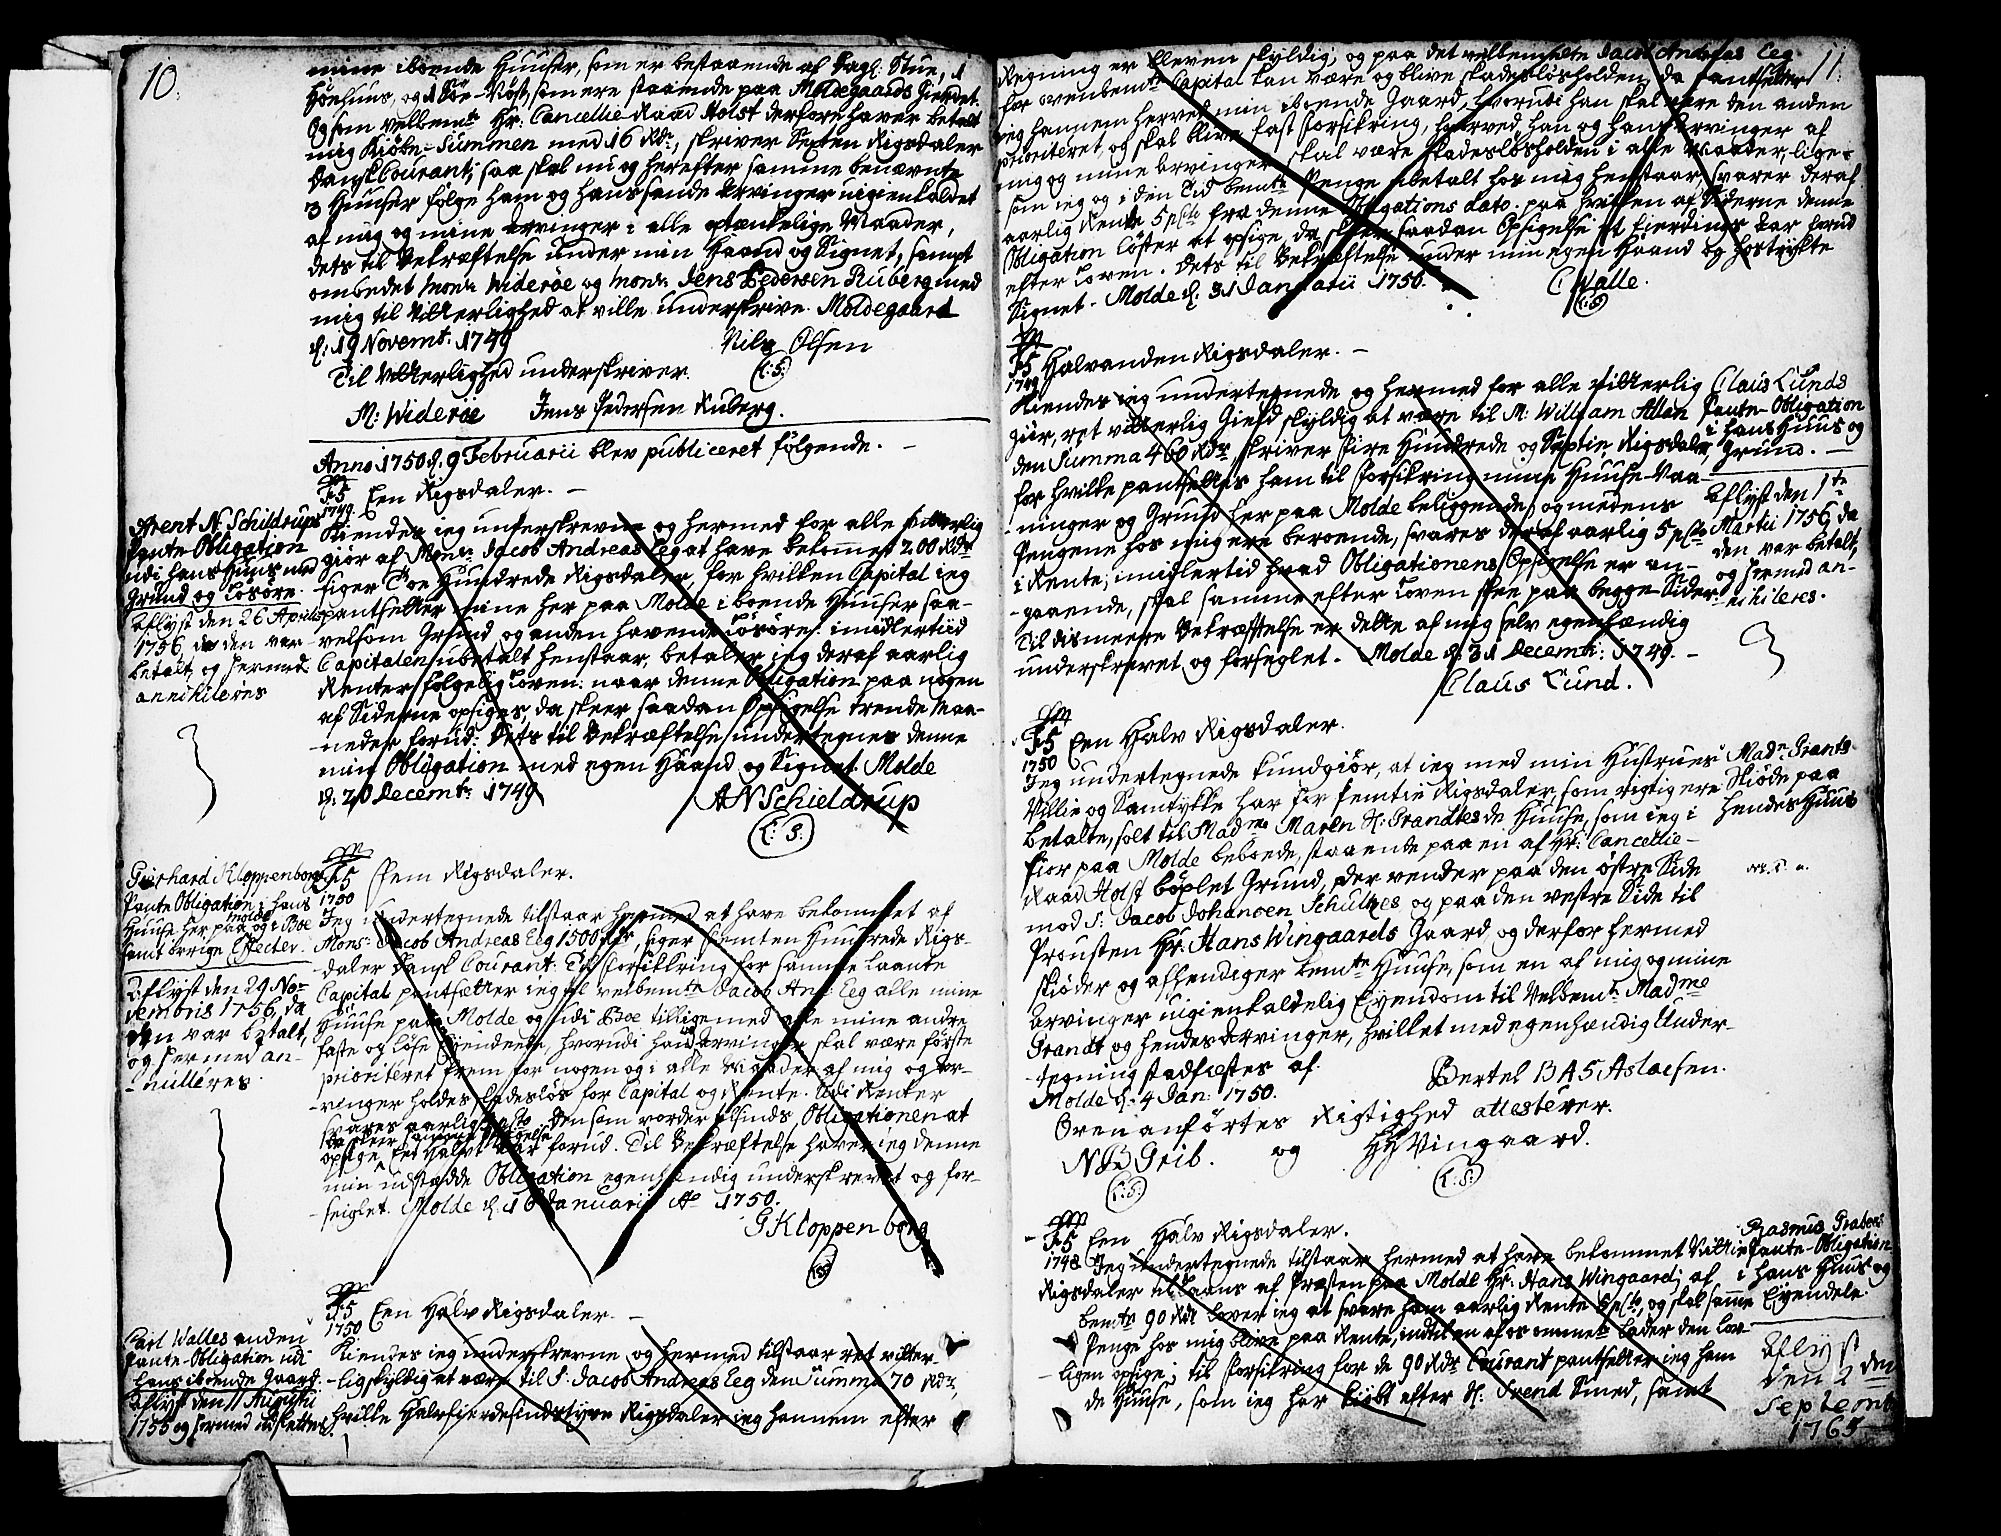 SAT, Molde byfogd, 2/2C/L0001: Mortgage book no. 1, 1748-1823, p. 10-11